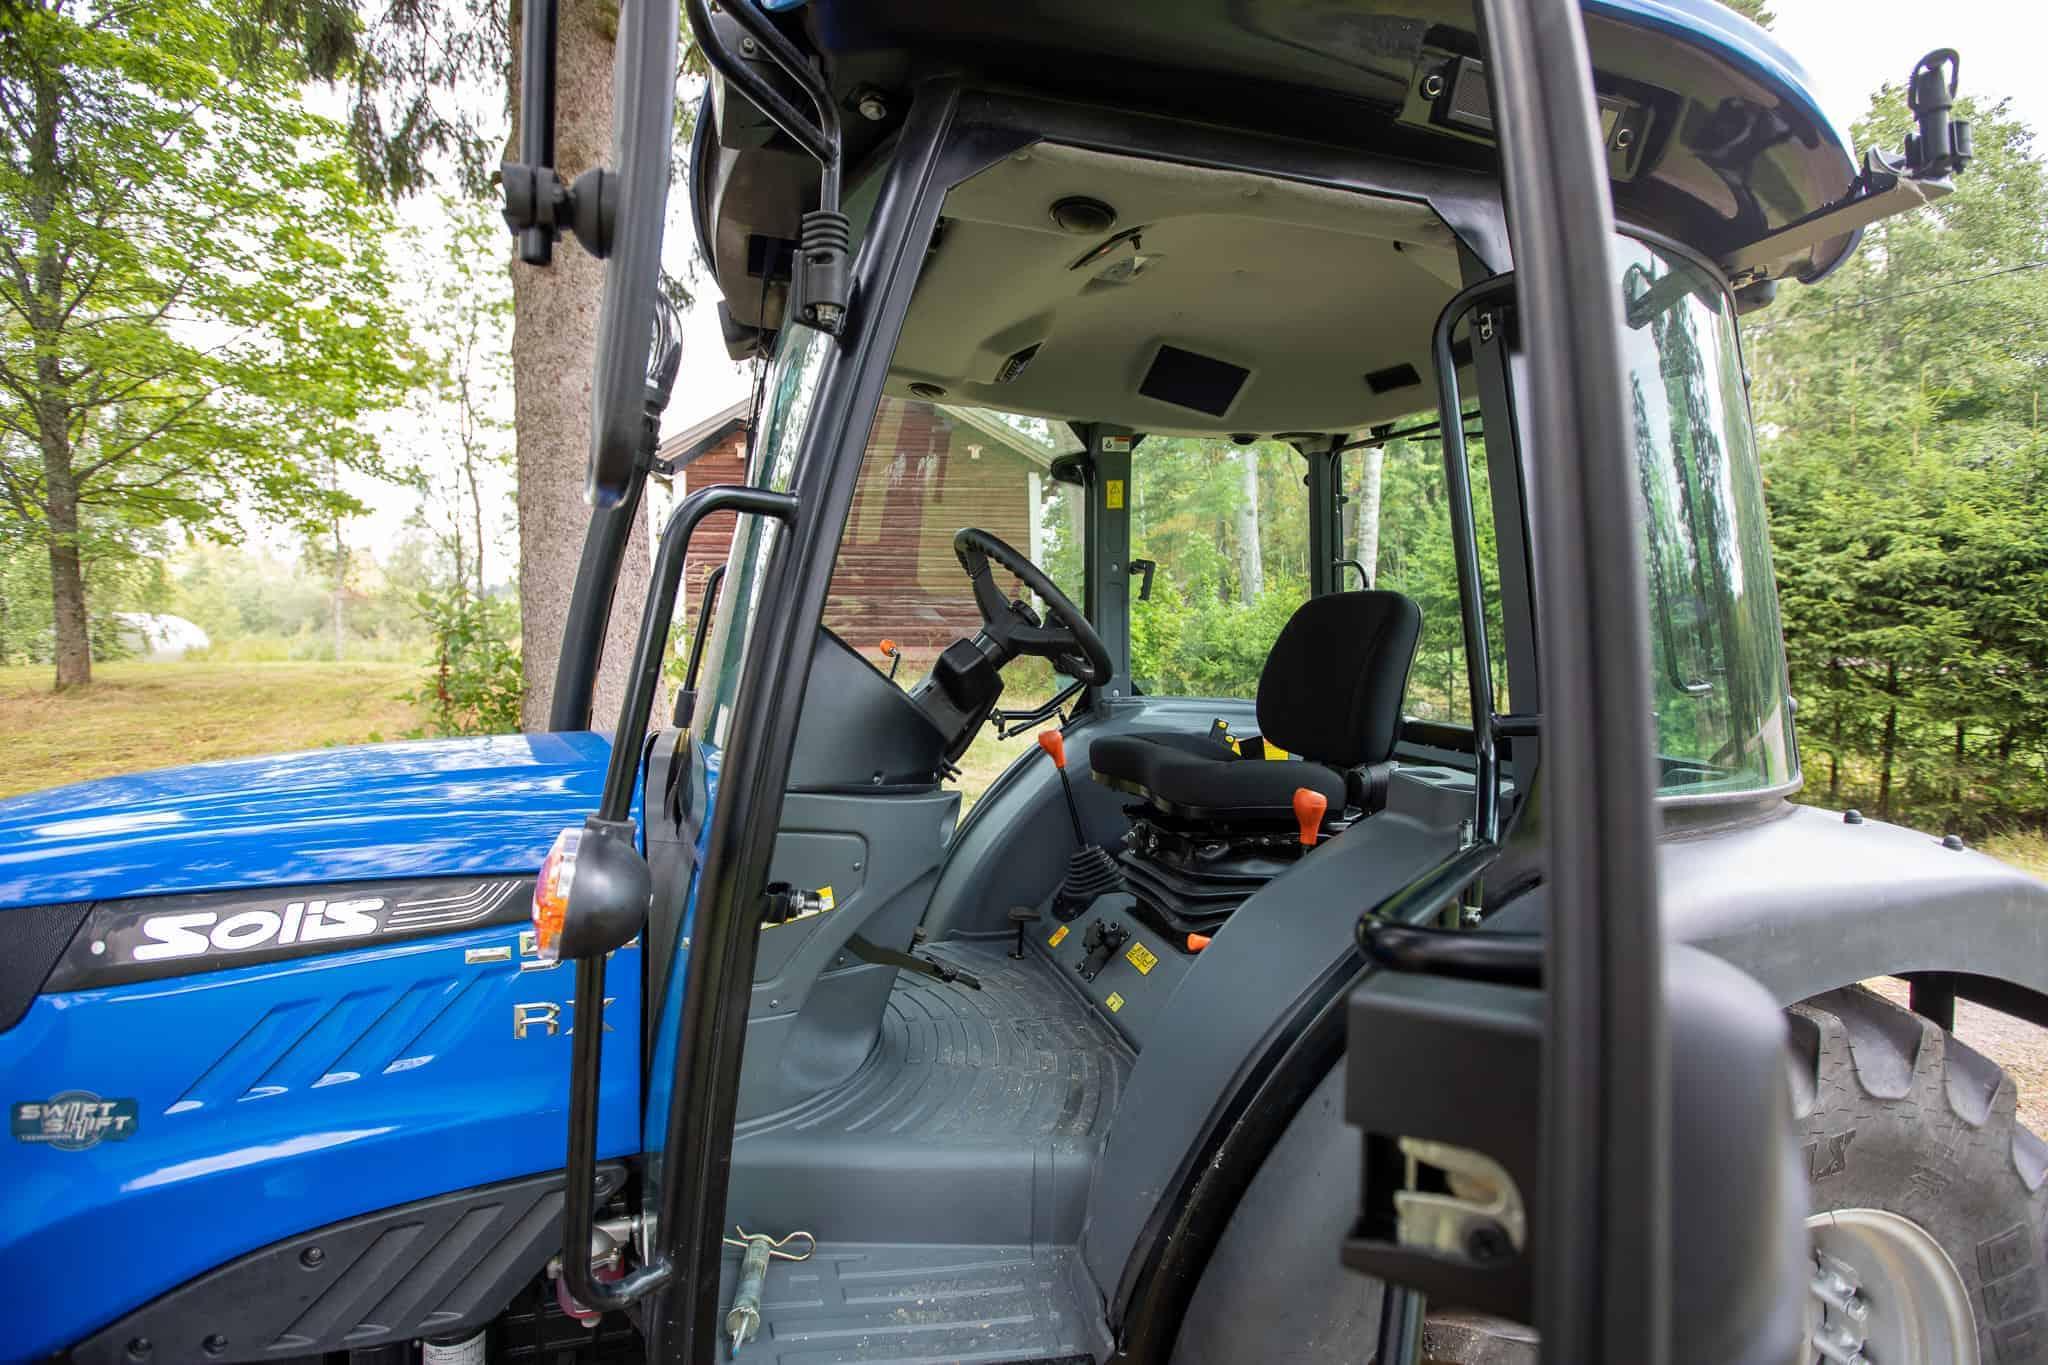 Solis 50 traktori